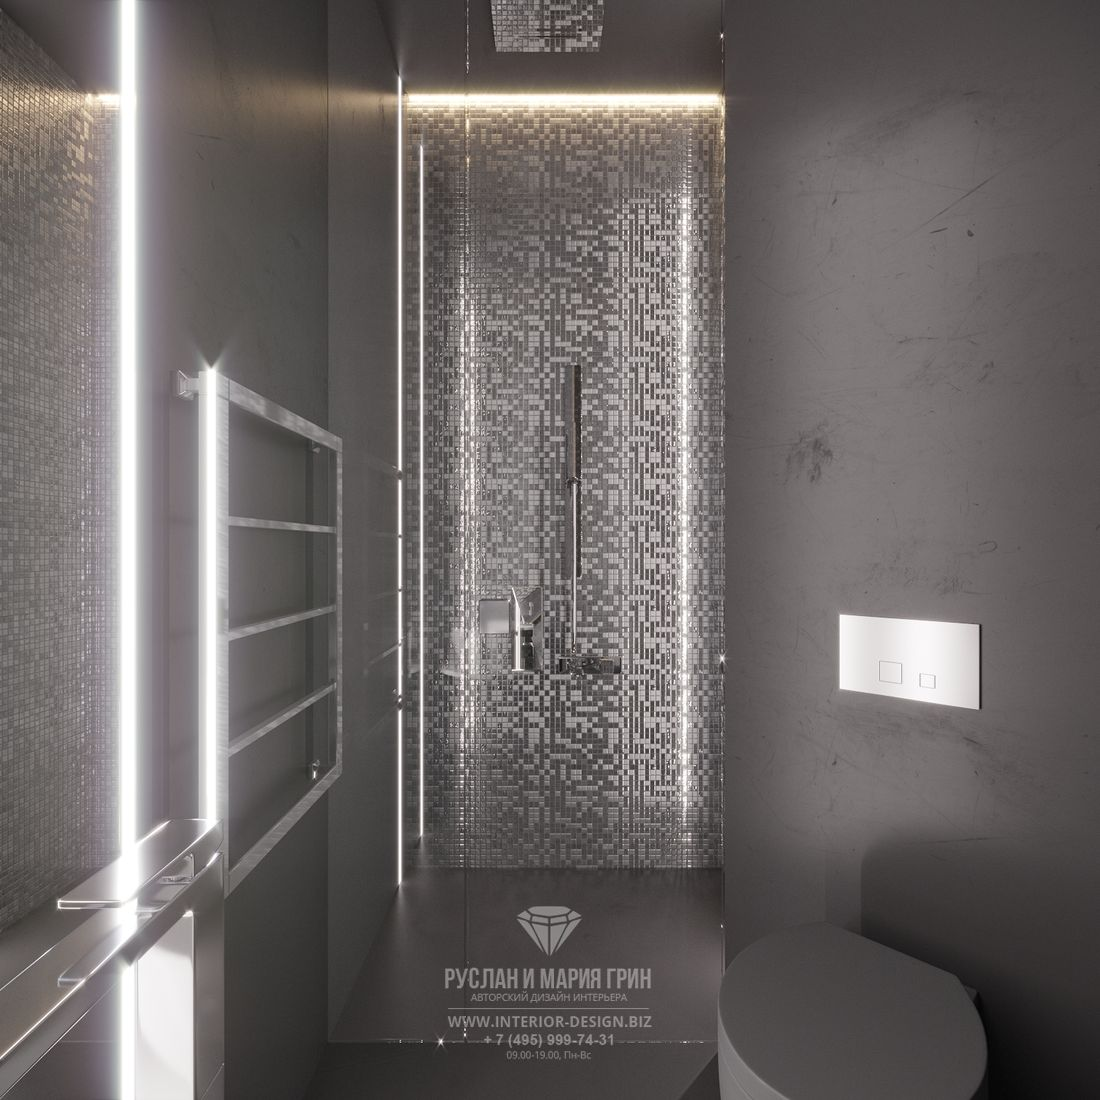 Современный интерьер ванной комнаты в серых тонах с мозаичной отделкой